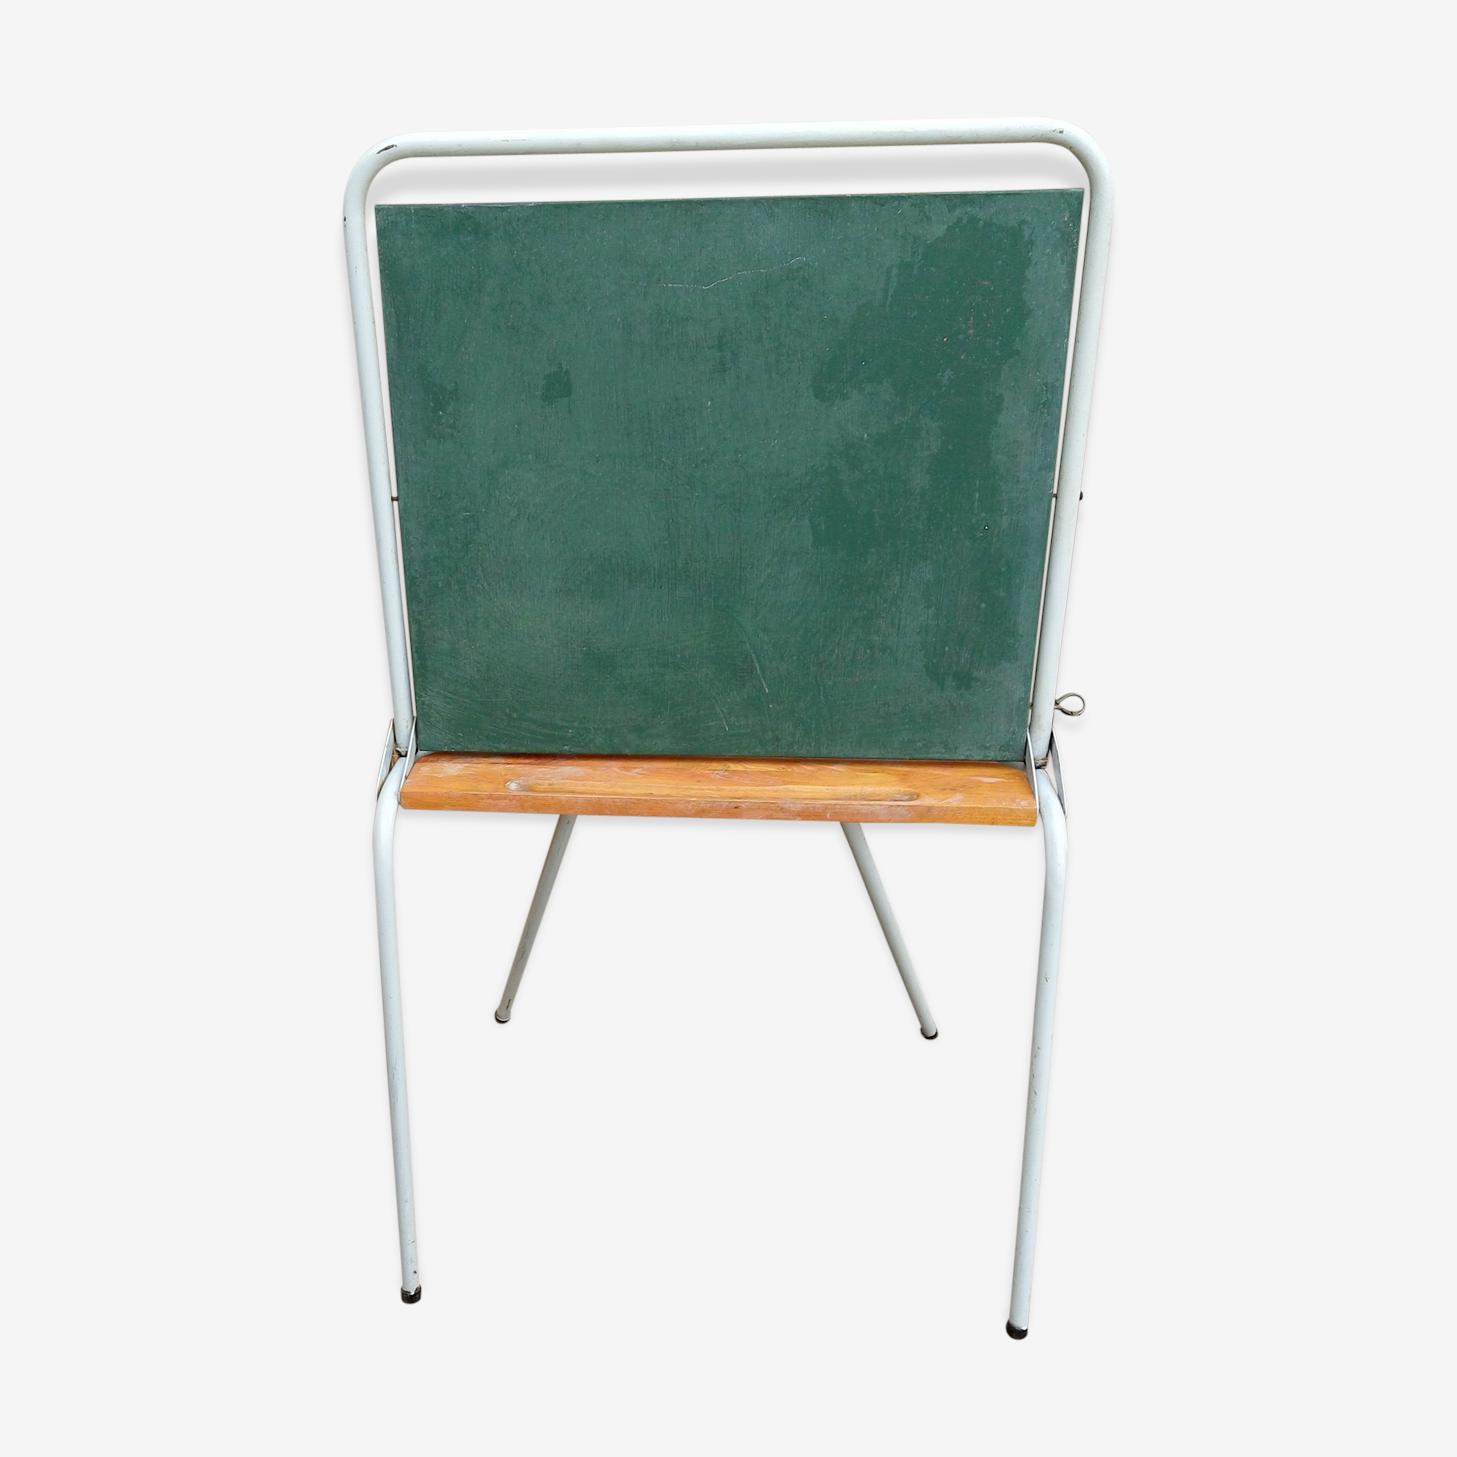 Tableau bureau écolier